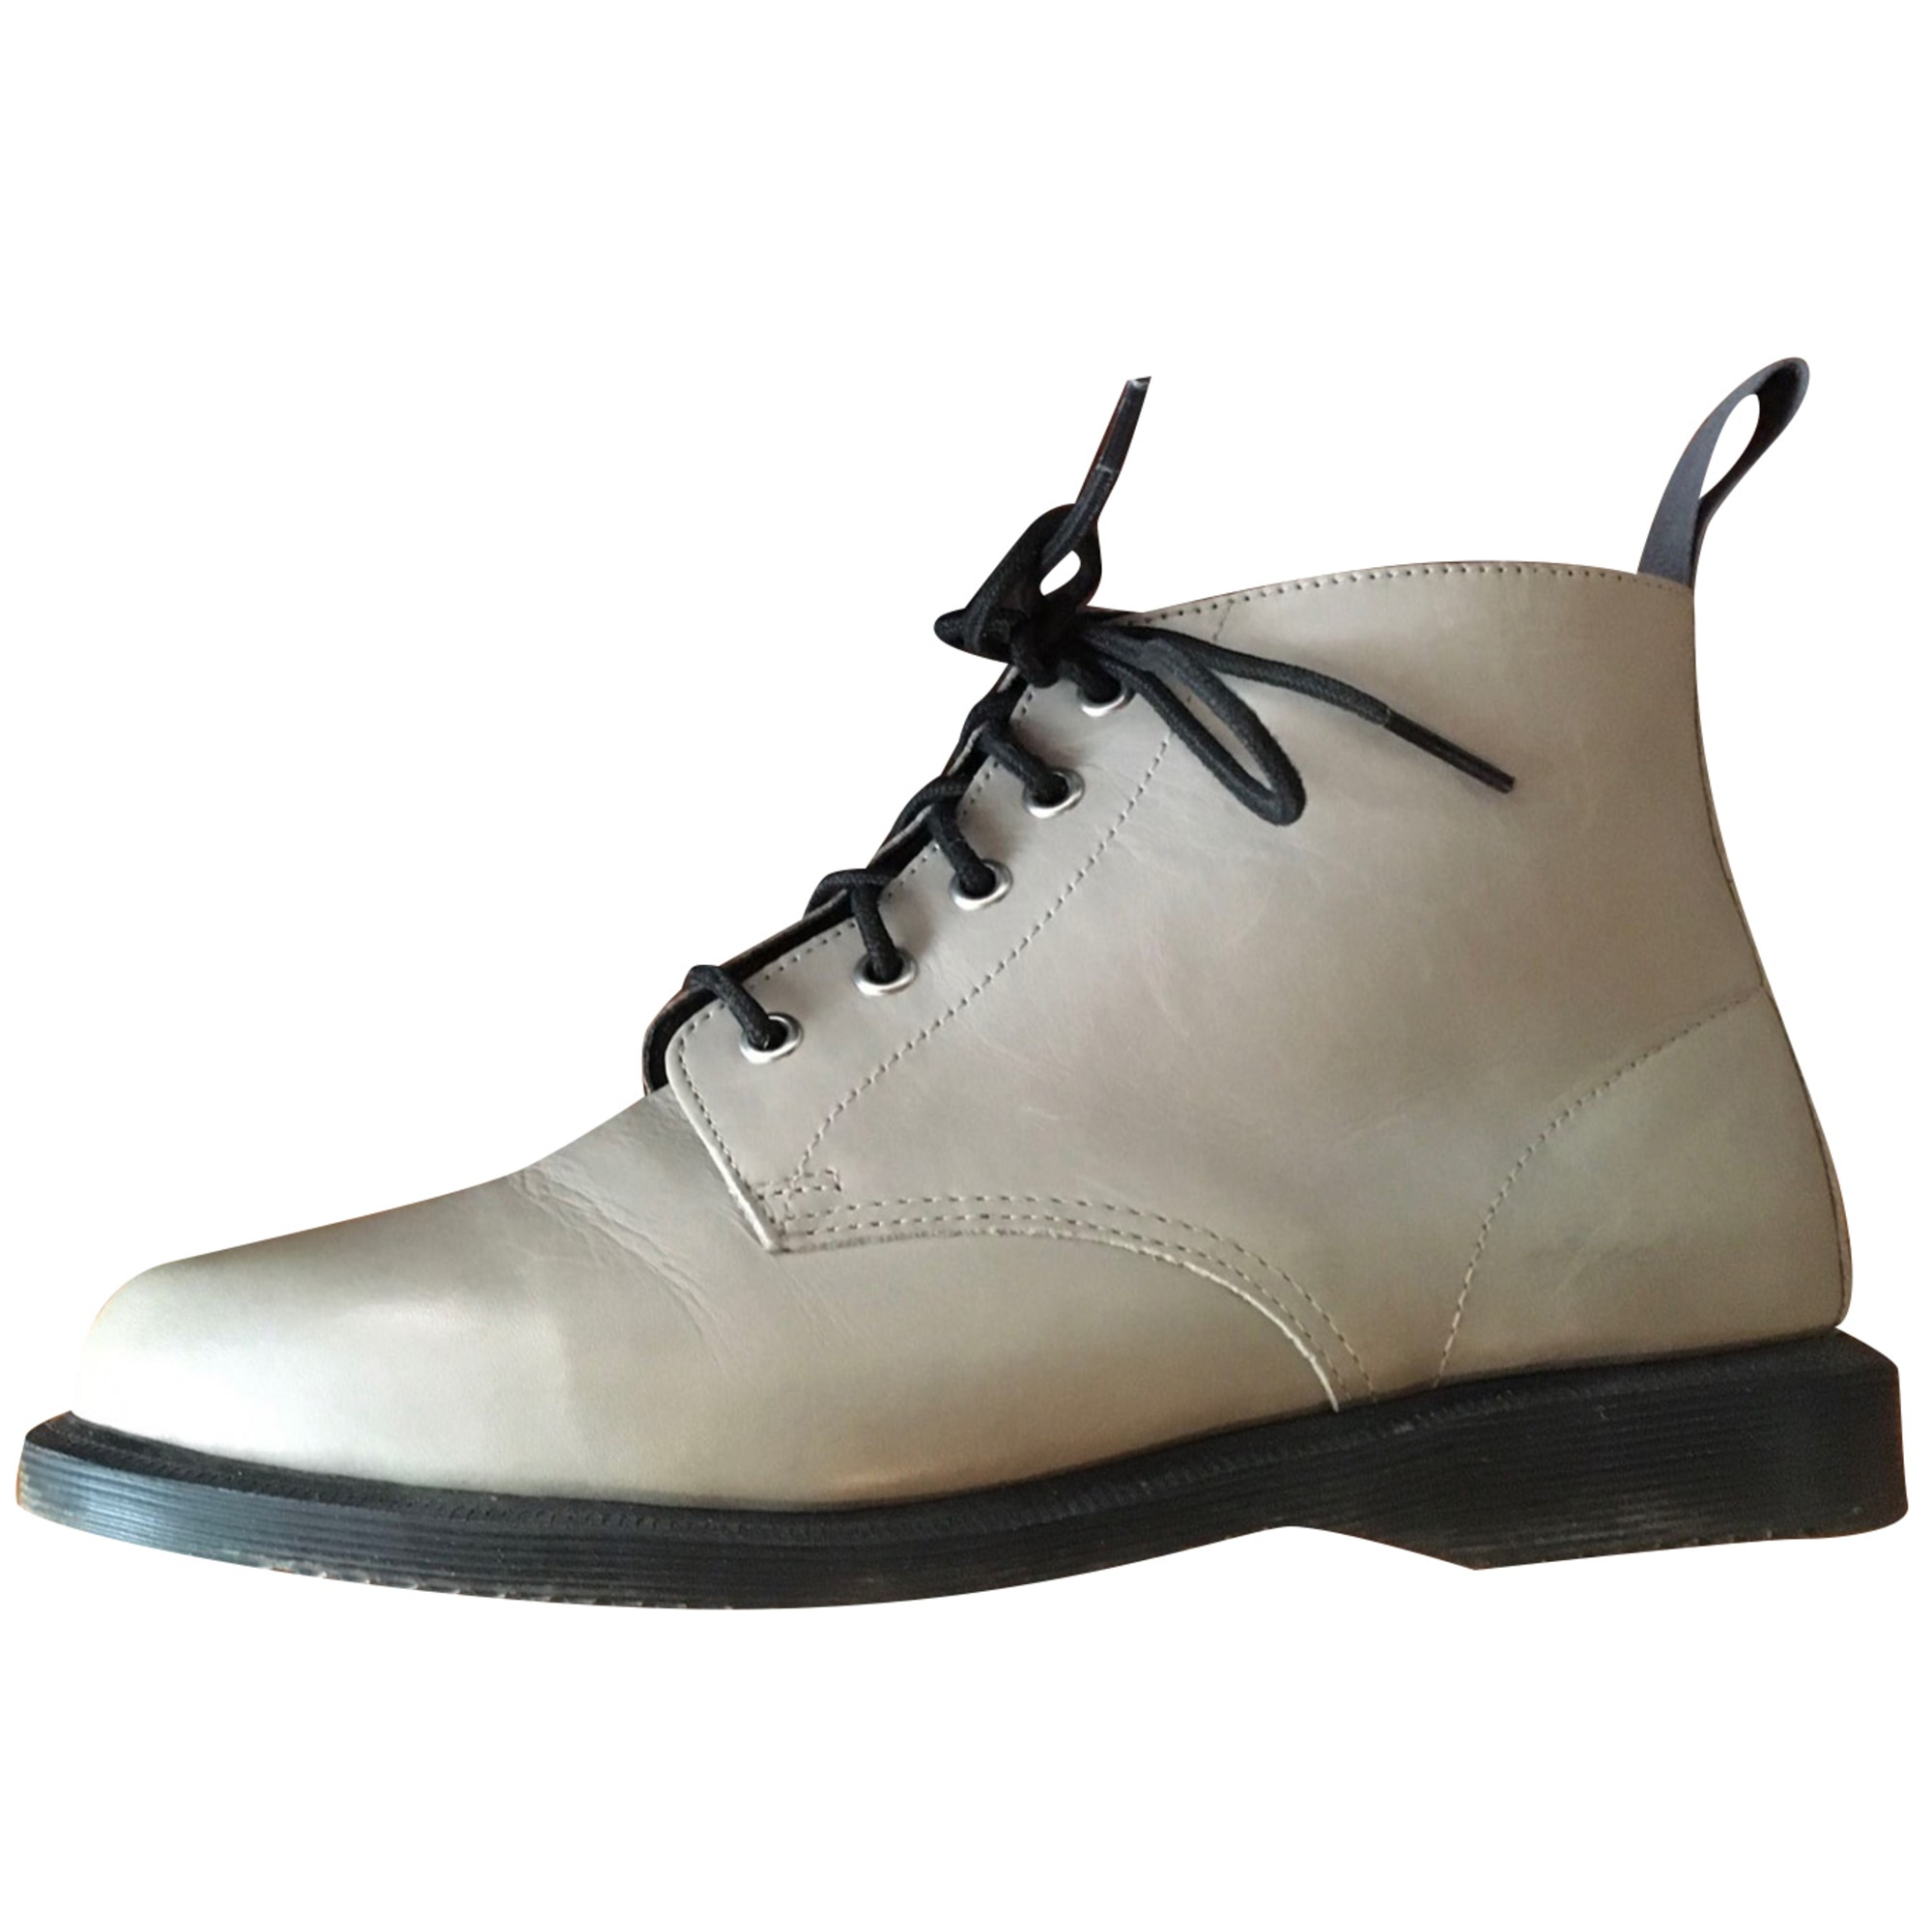 Bottines & low boots plates DR. MARTENS Beige, gris clair